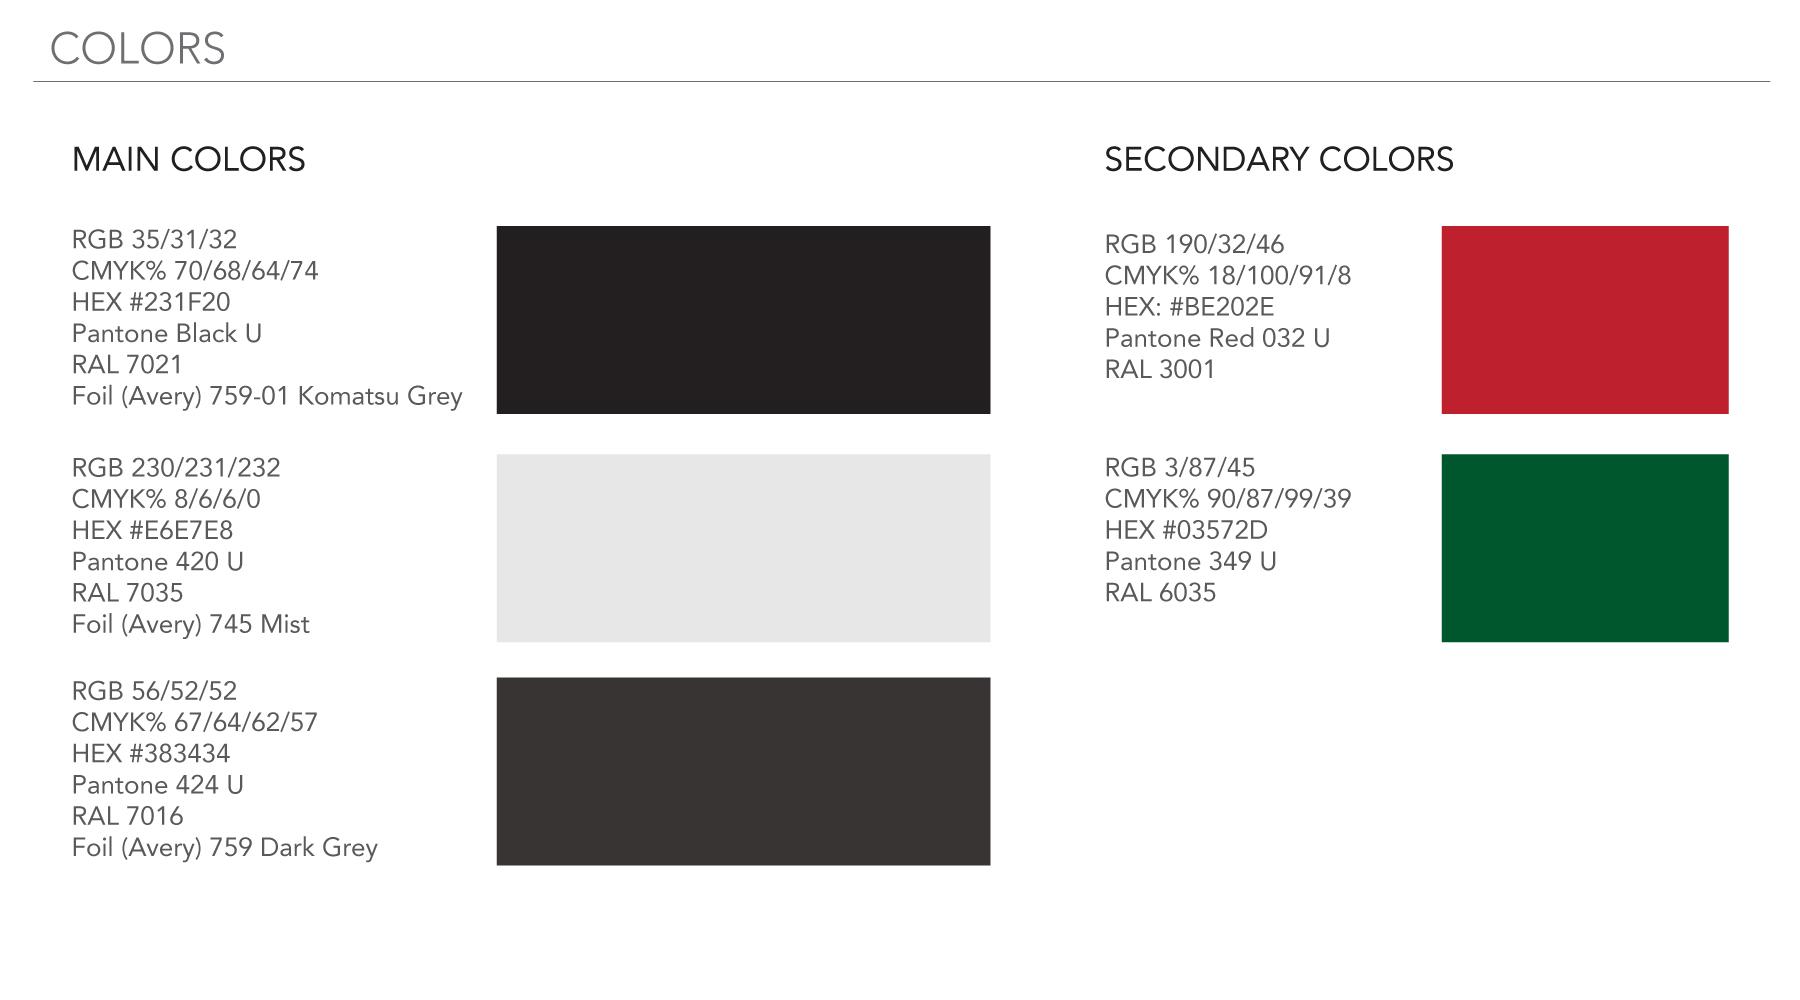 Reginald Barbershop Colors